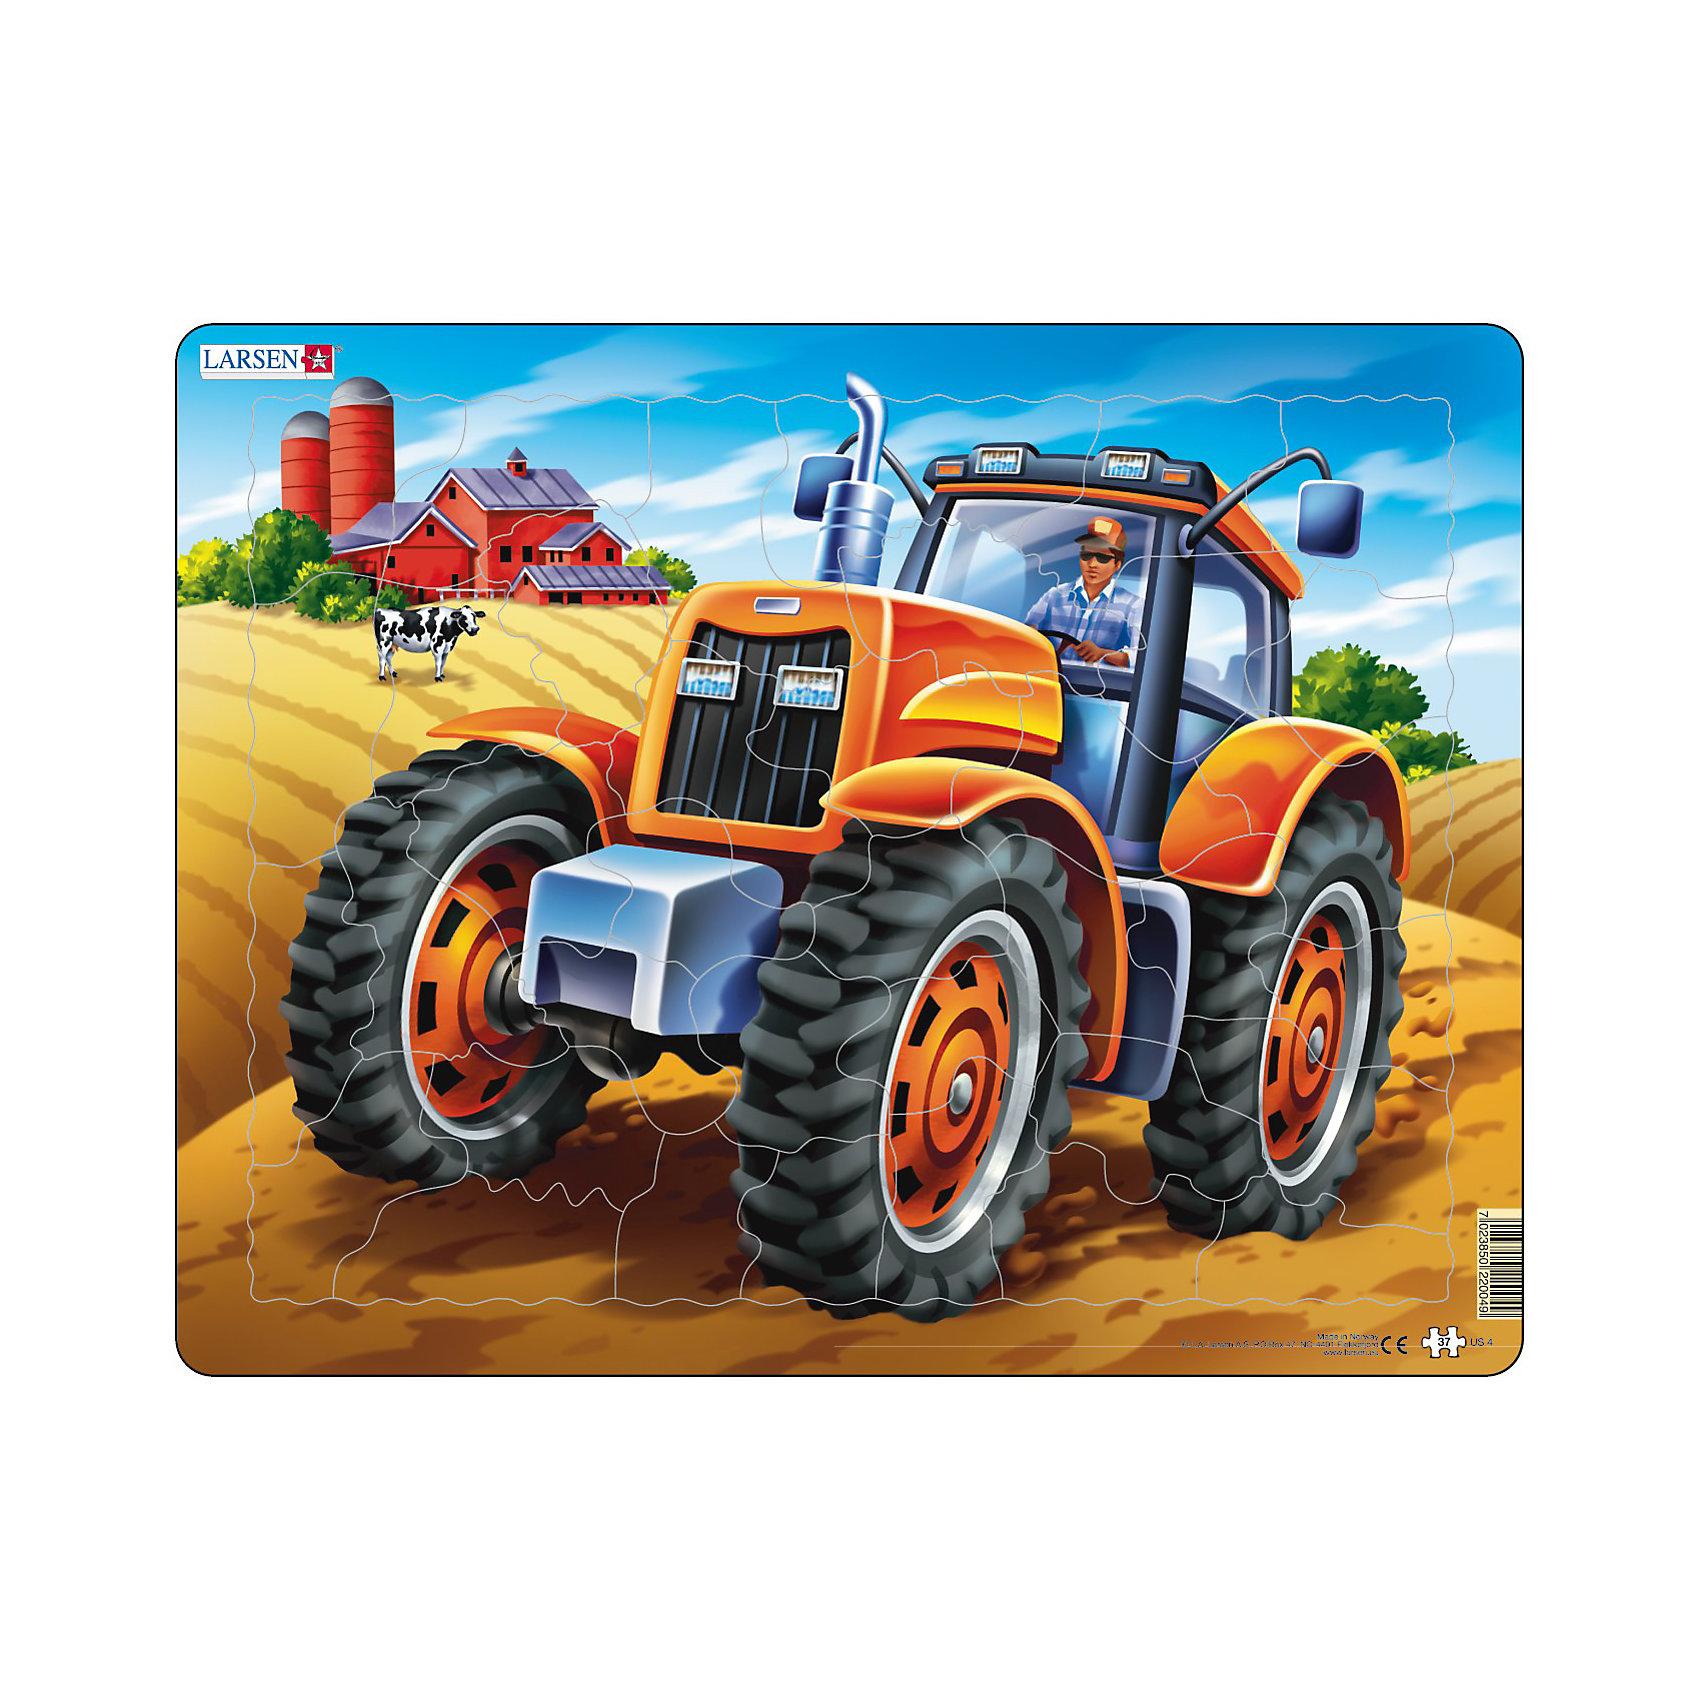 Larsen Пазл Трактор, 37 деталей, Larsen купить